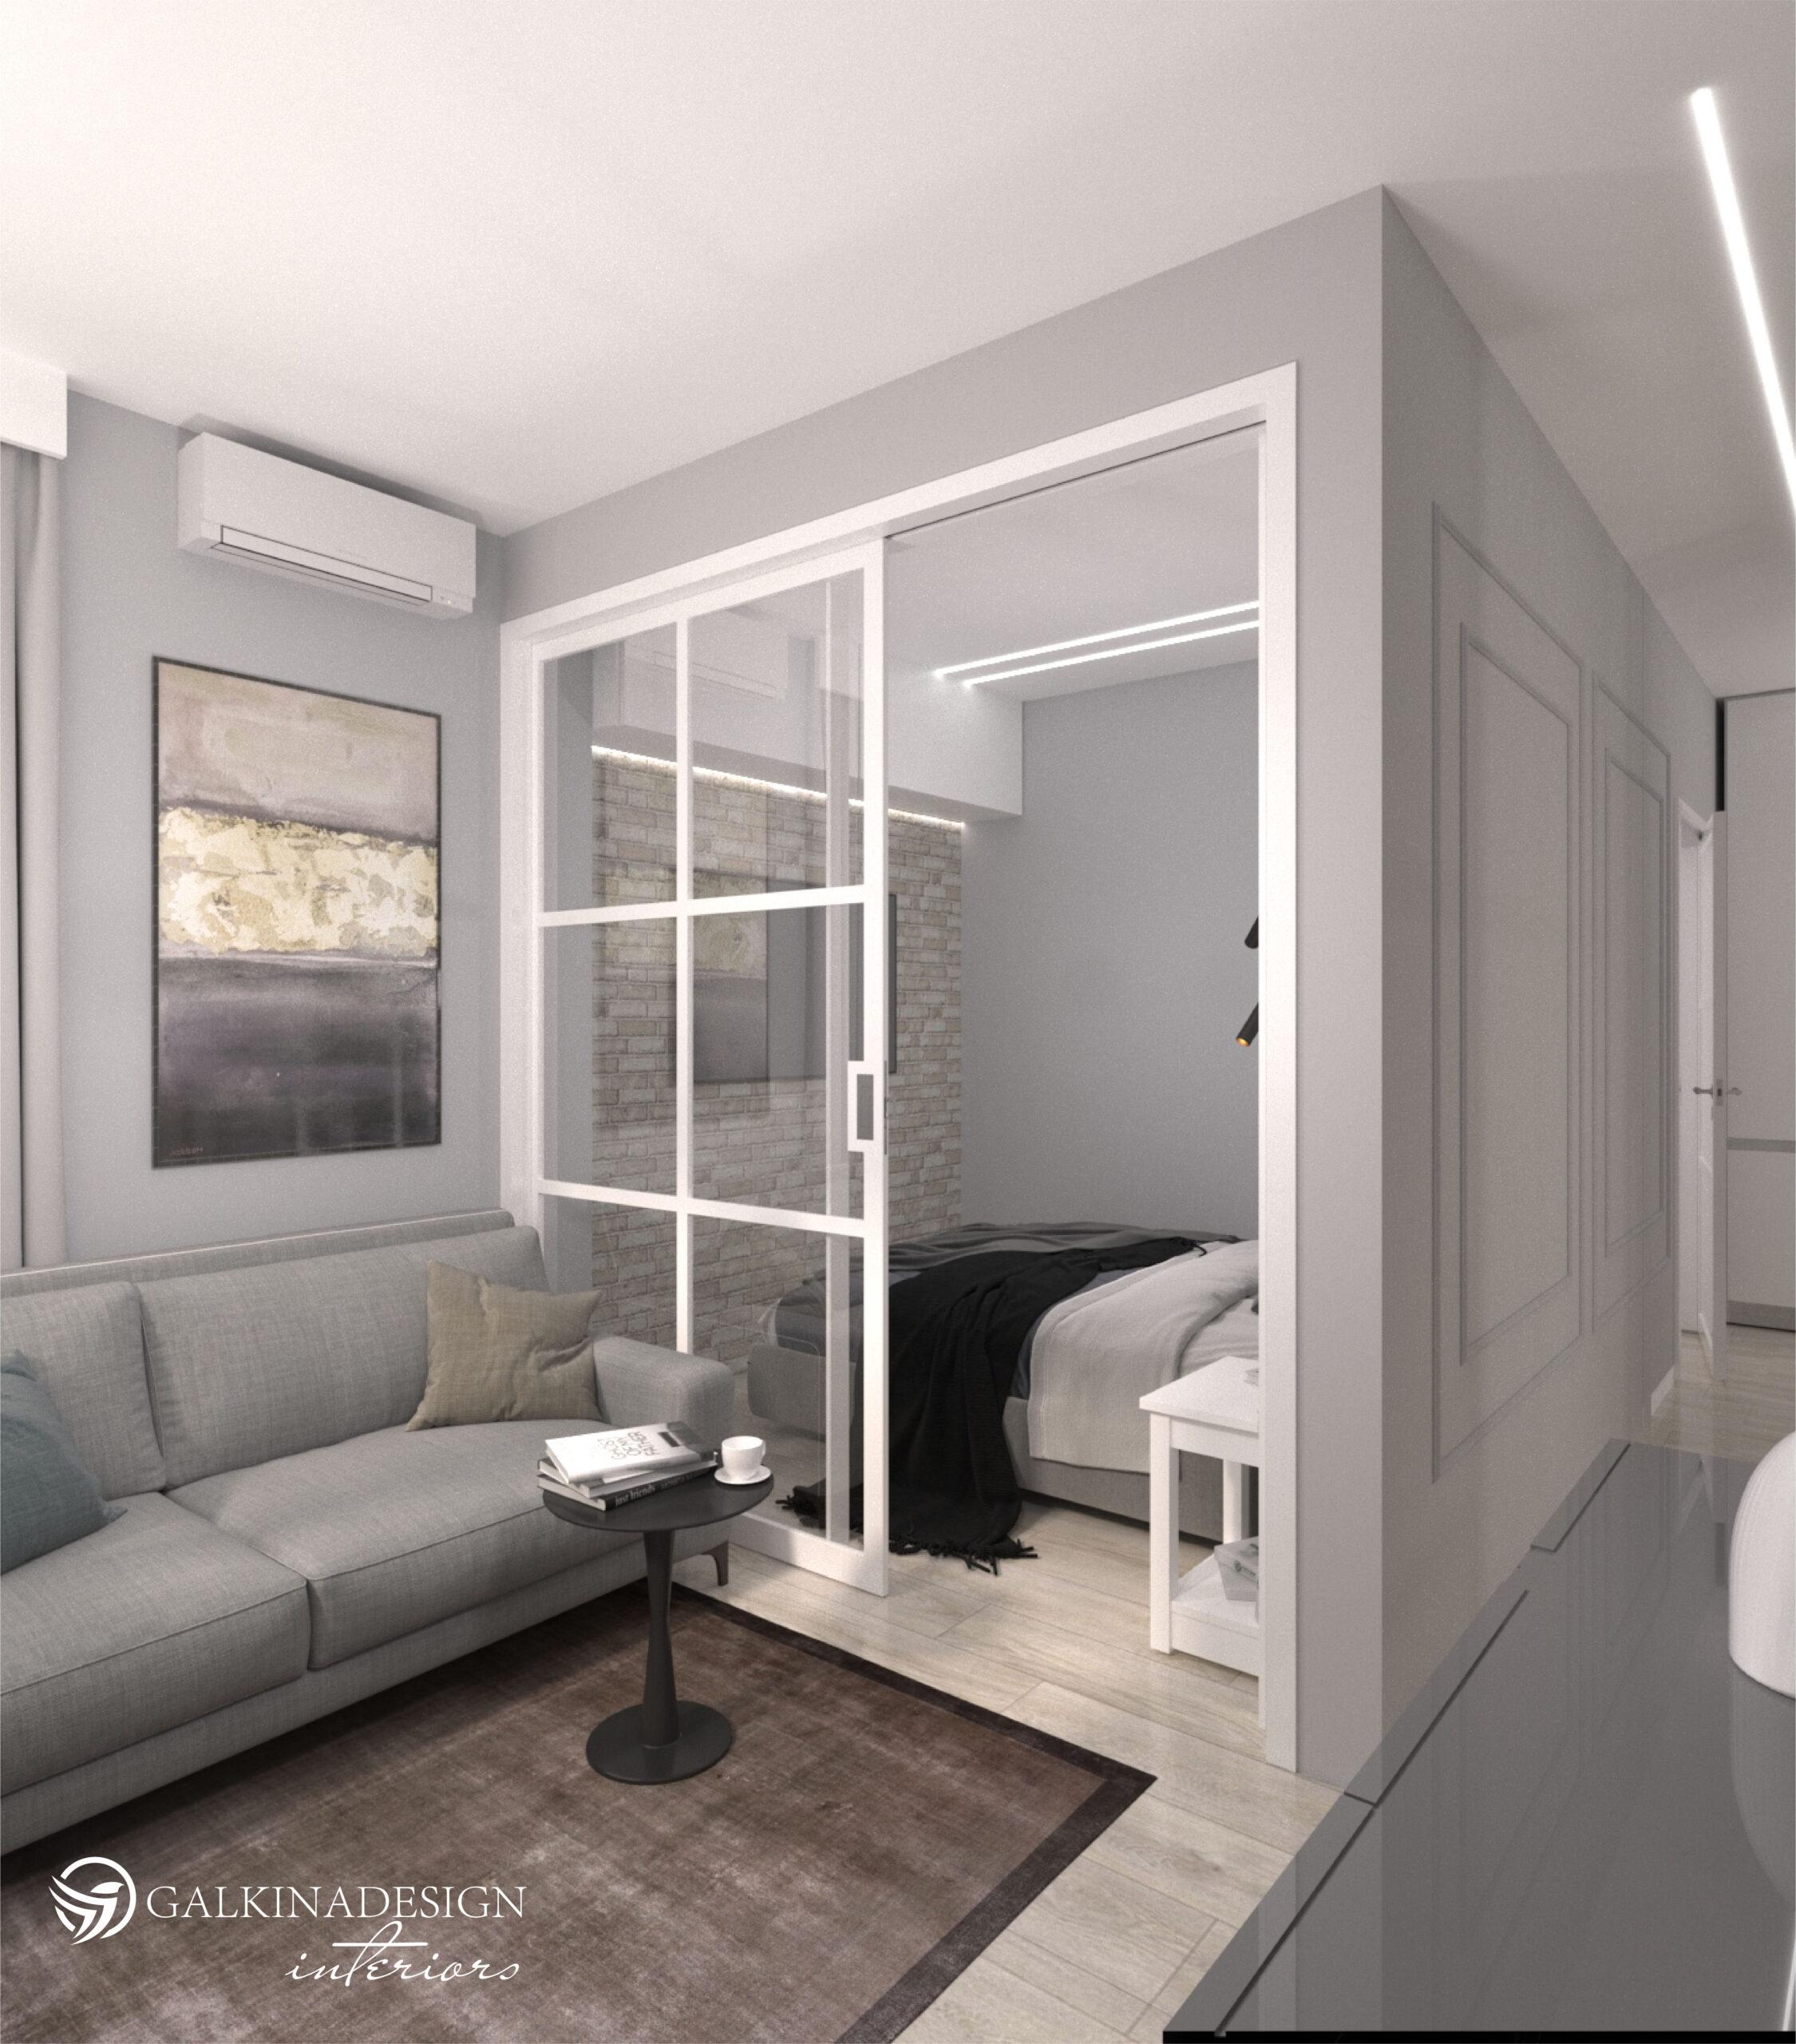 Проект квартири 47,5 кв.м по вул. Проскуровського Підпілля 165а - фото 5